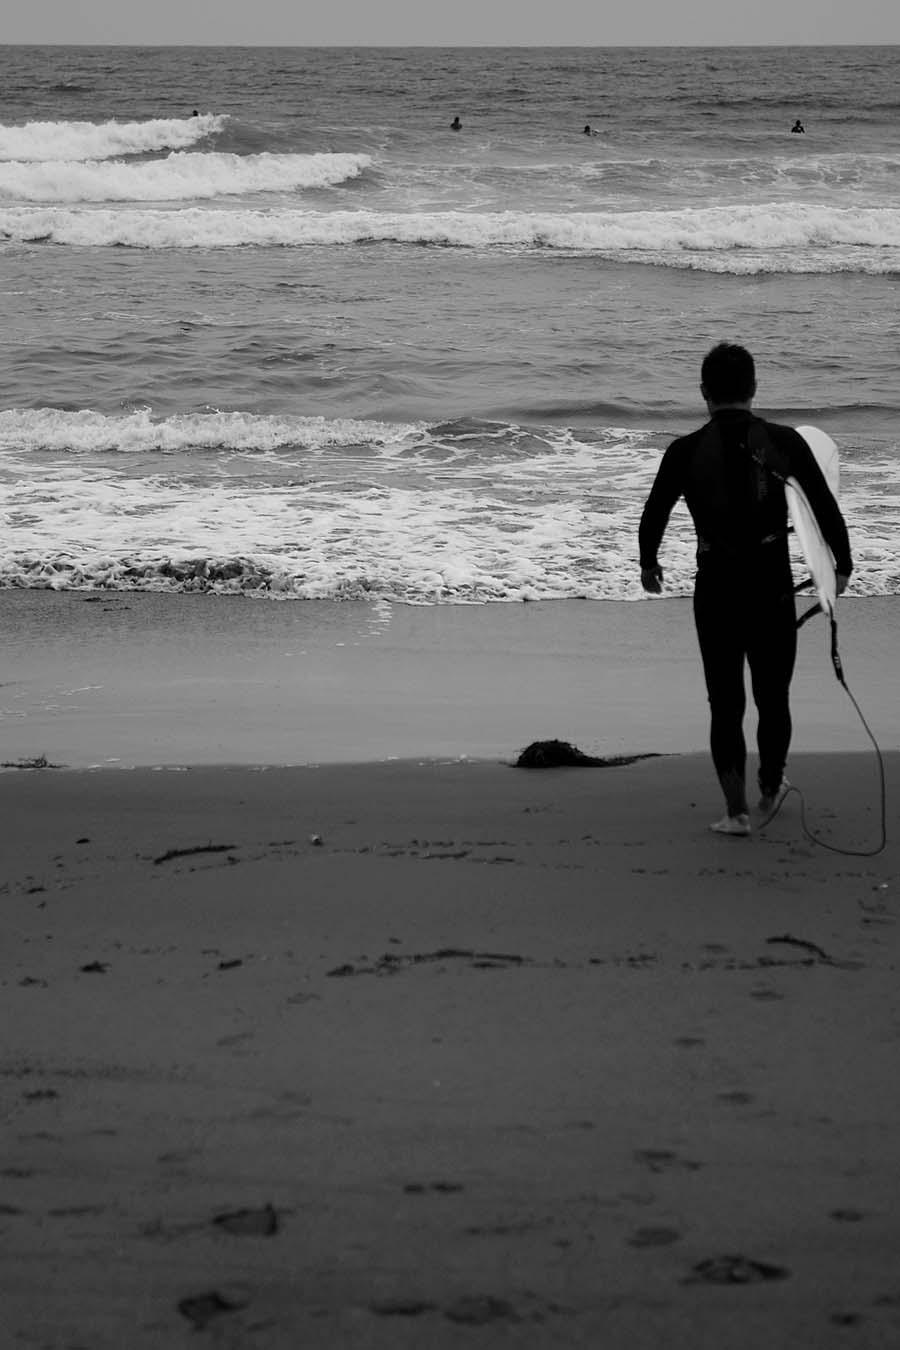 息子の成長 ・・・ そして 鴨川へ海を見に_e0025661_20315346.jpg